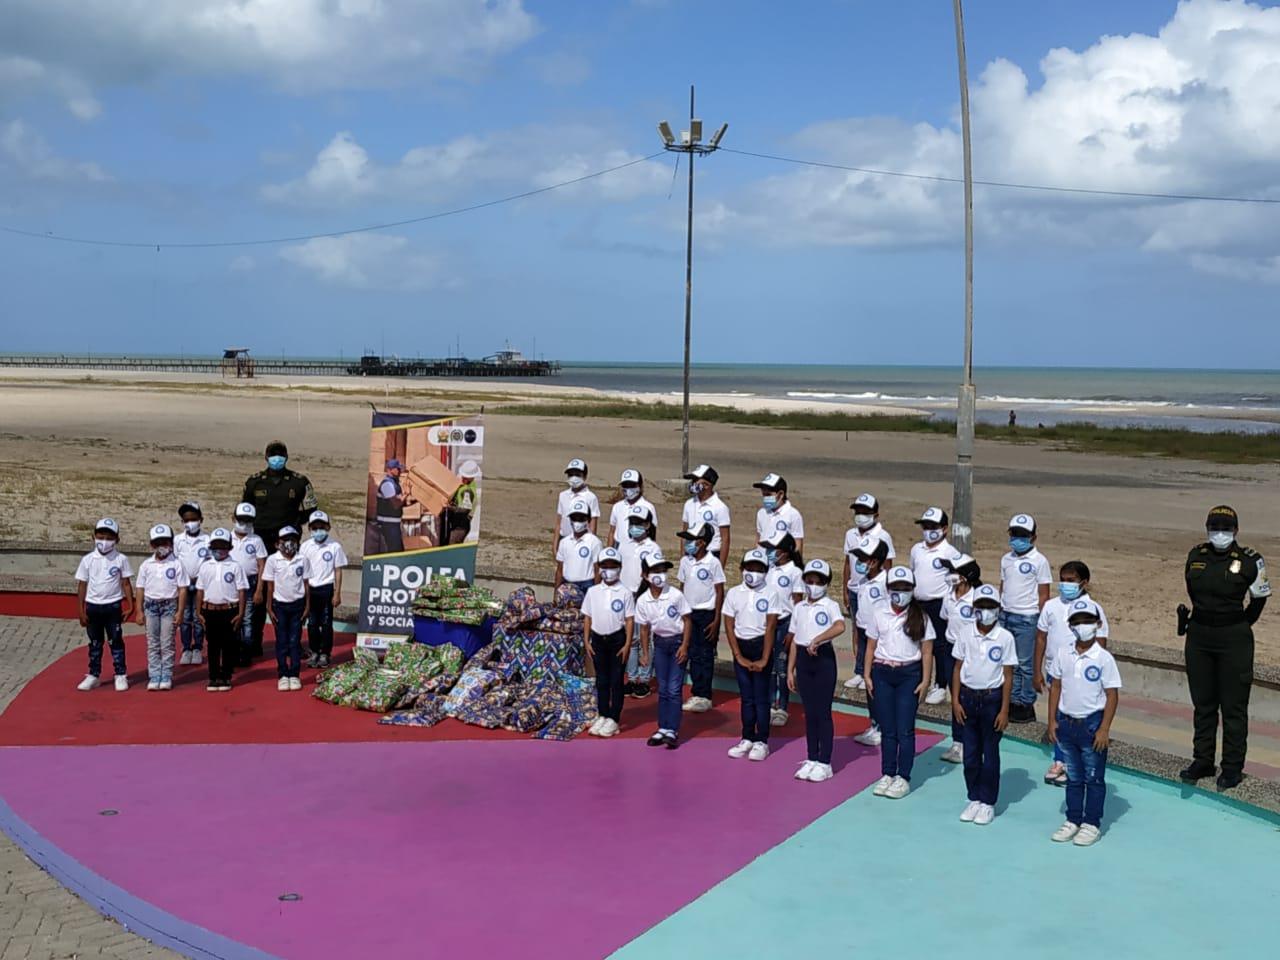 https://www.notasrosas.com/ y Dian entregaron aguinaldos a niños y niñas en Riohacha y Maicao